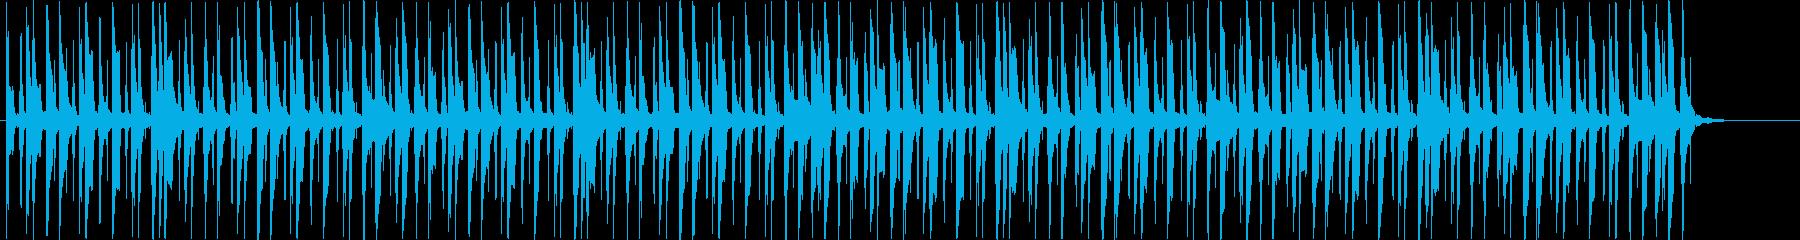 のんきでほのぼのしたリコーダーのBGMの再生済みの波形